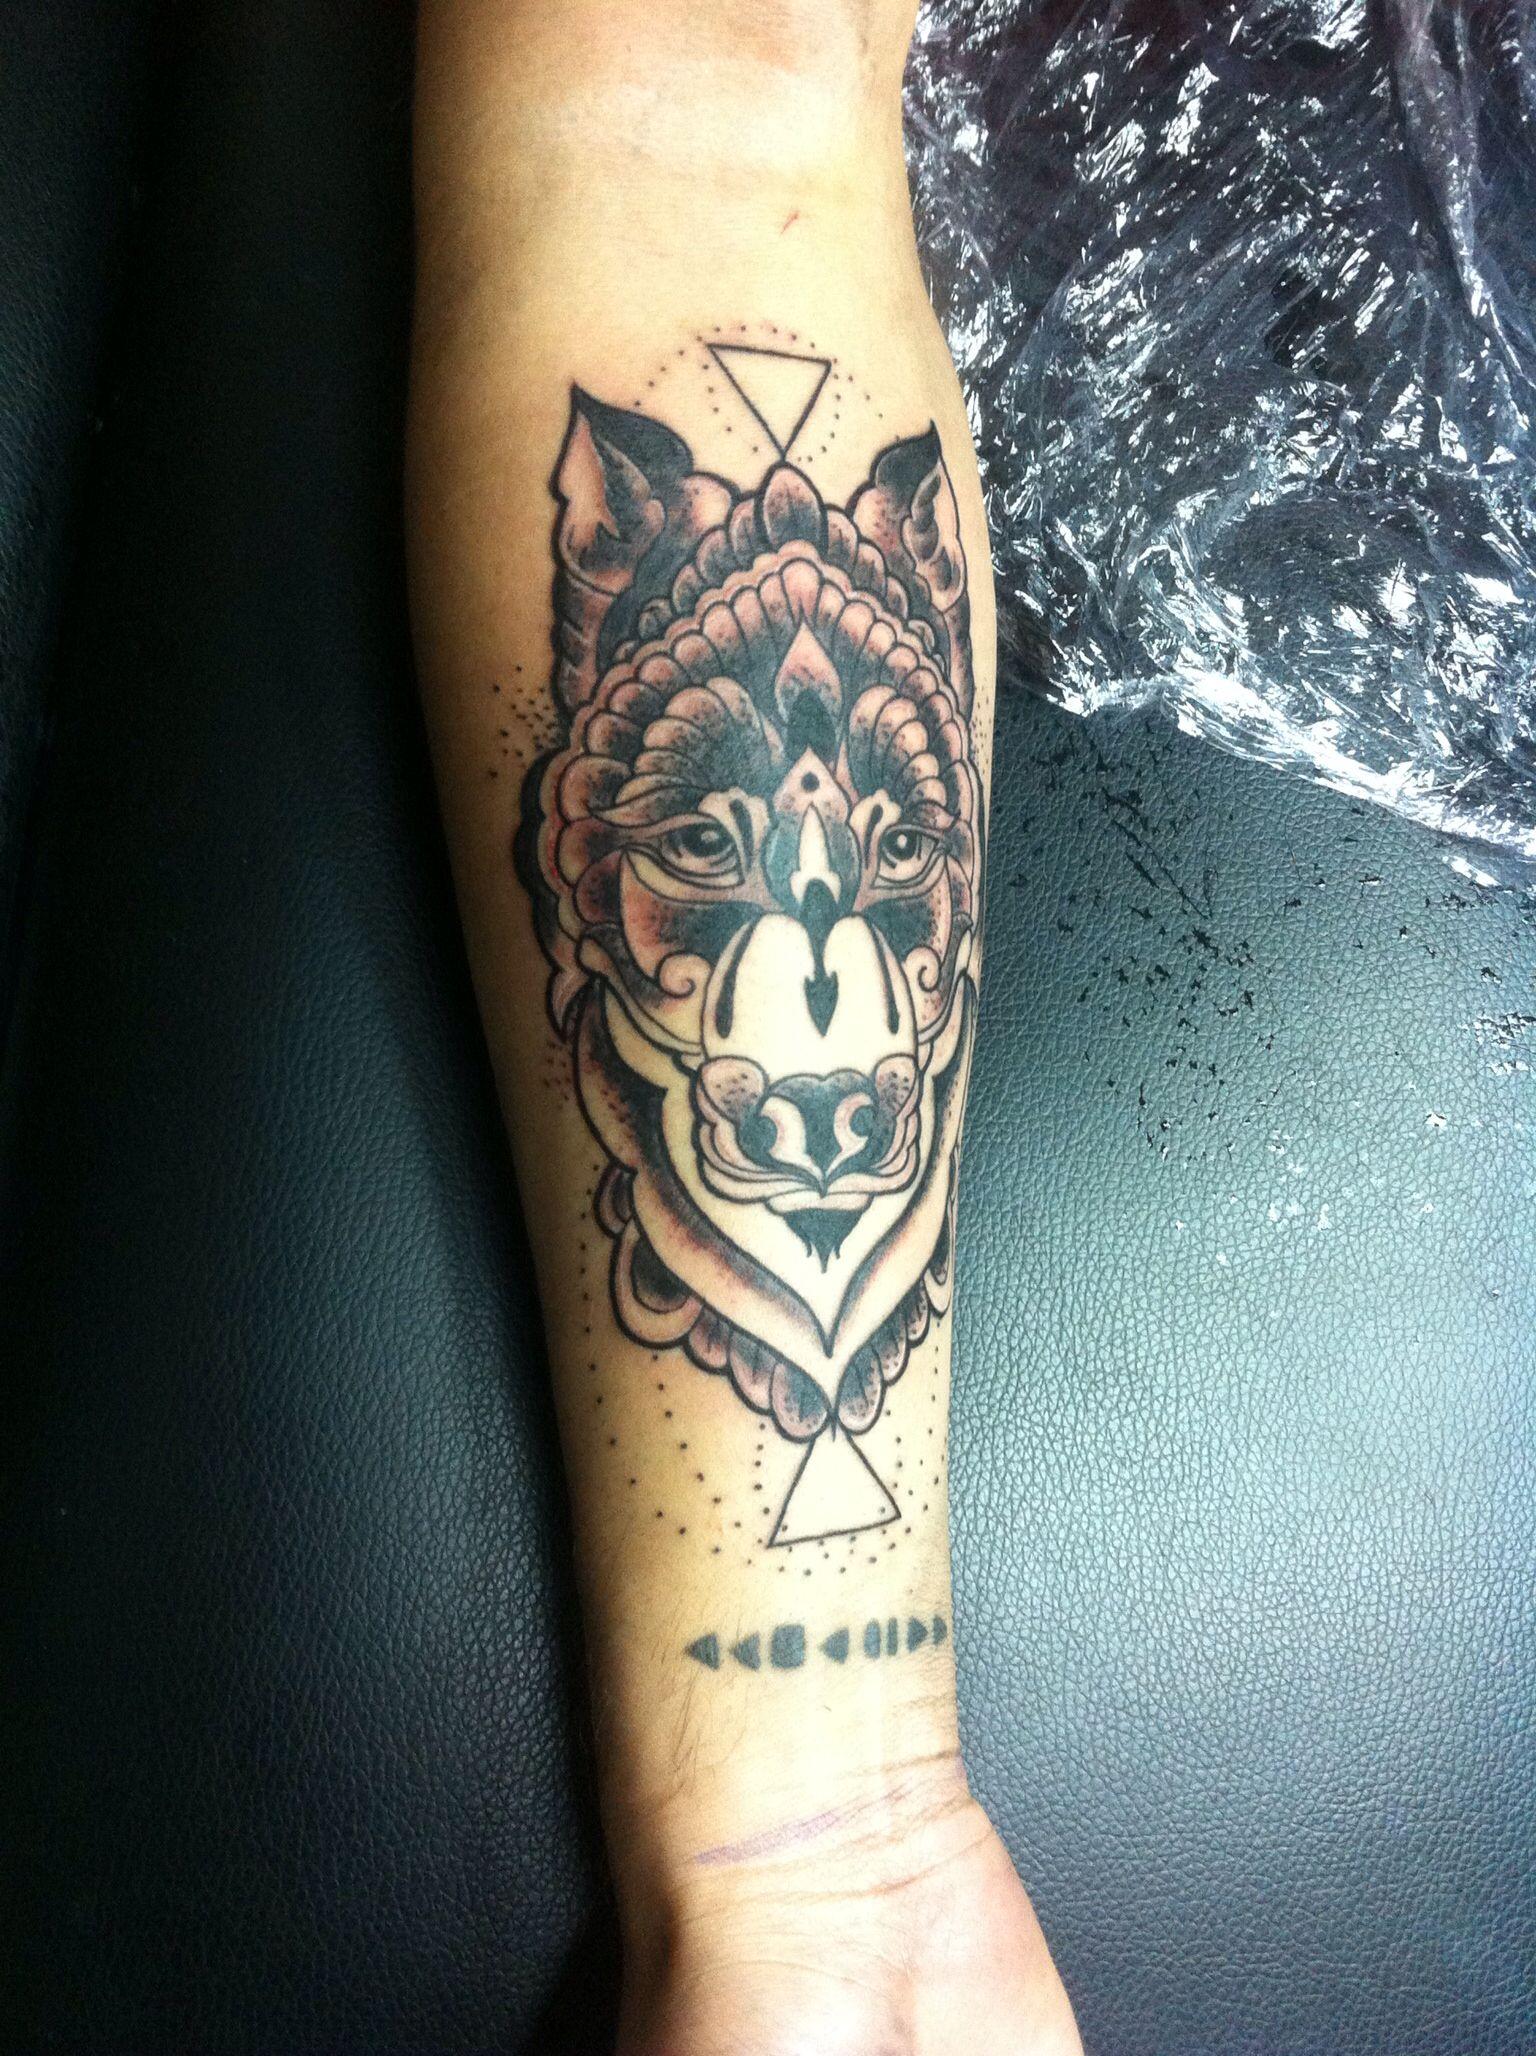 wolf in forearm tattoo tattoos design tatuaje wolf tattoos pinterest forearm tattoos. Black Bedroom Furniture Sets. Home Design Ideas